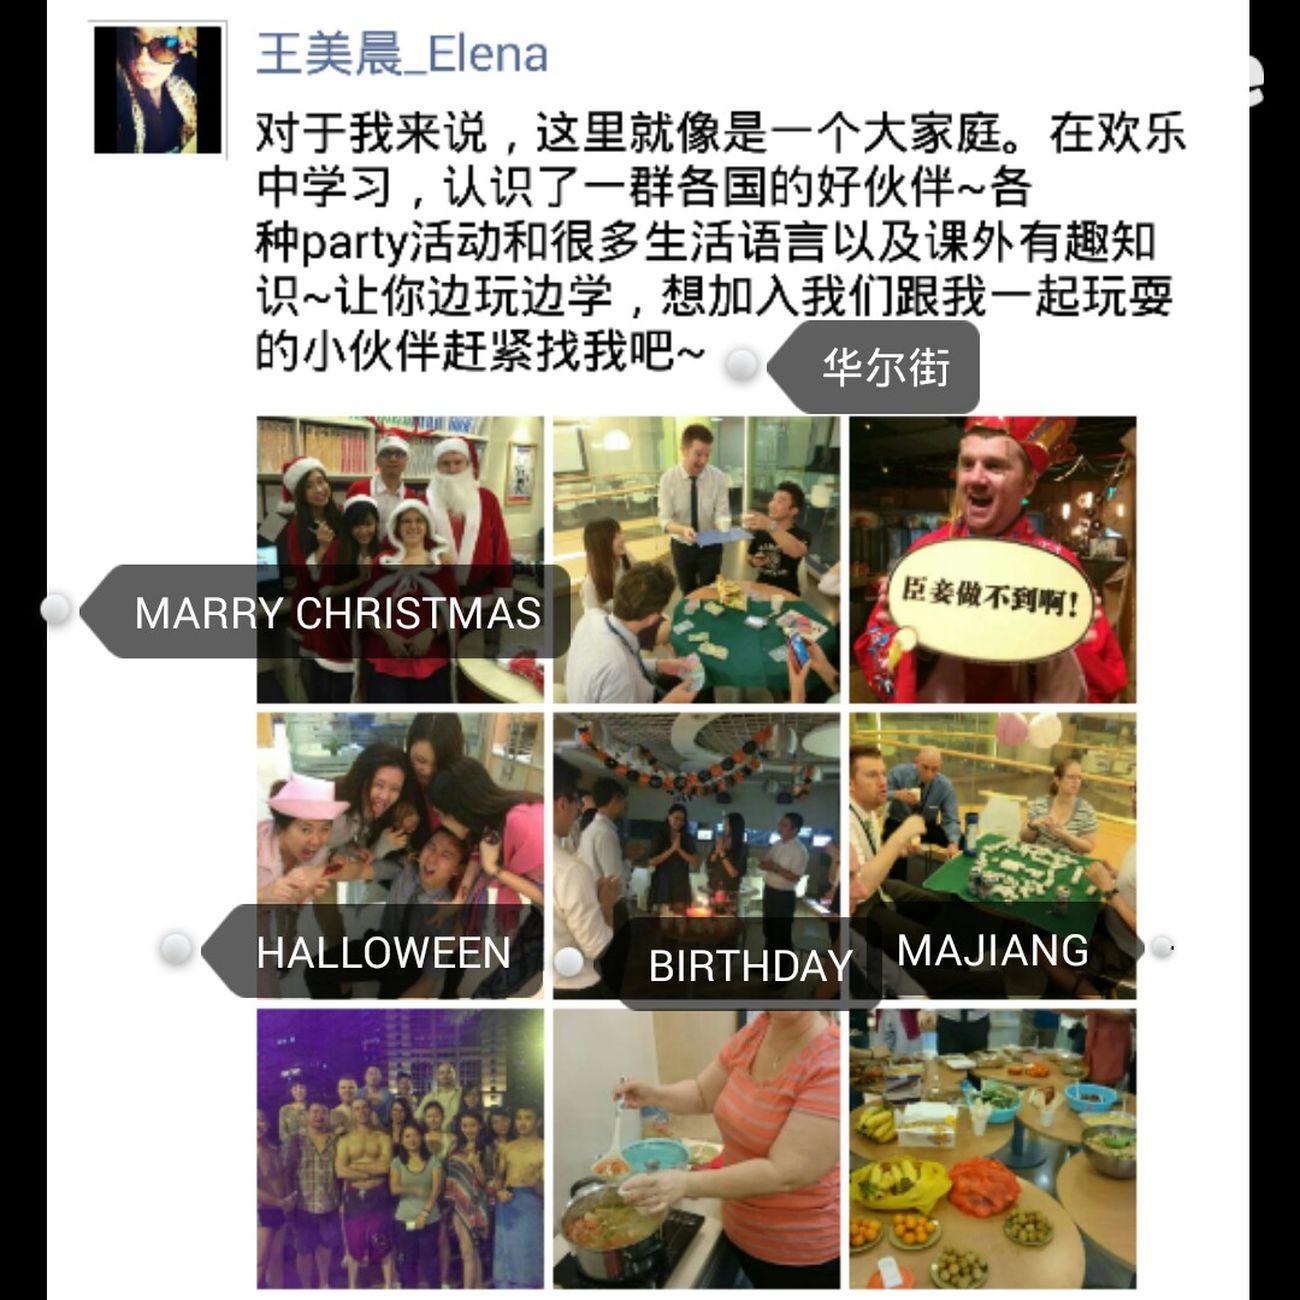 对于我来说,这里就像是一个大家庭。在欢乐中学习,认识了一群各国的好伙伴~各种party活动和很多生活语言以及课外有趣知识~让你边玩边学,想加入我们跟我一起玩耍的小伙伴赶紧找我吧~ Guangzhou 广州 学习